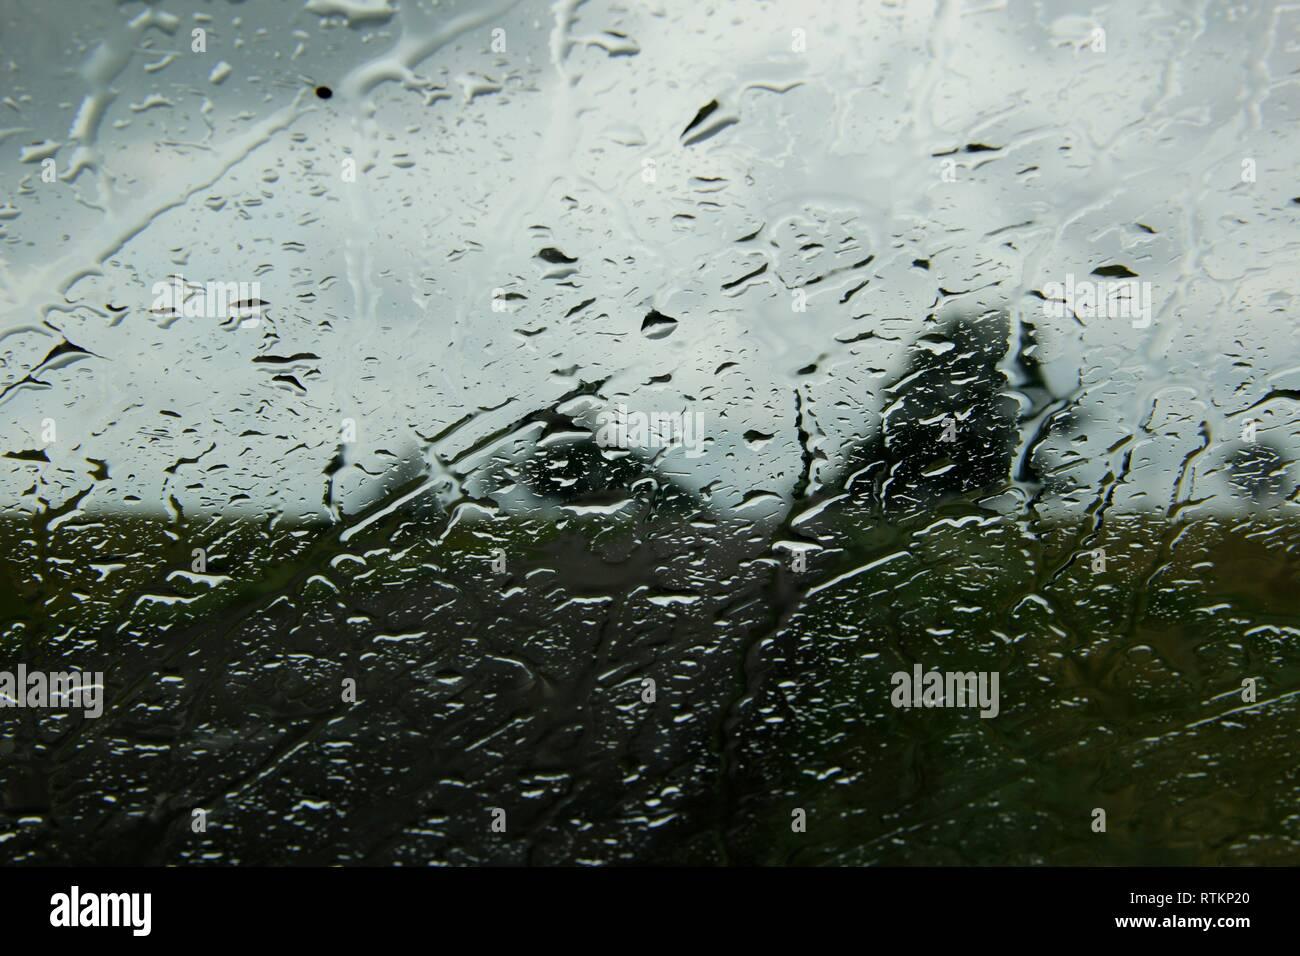 L'eau de pluie sur la fenêtre. Gouttes de pluie. Photo Stock